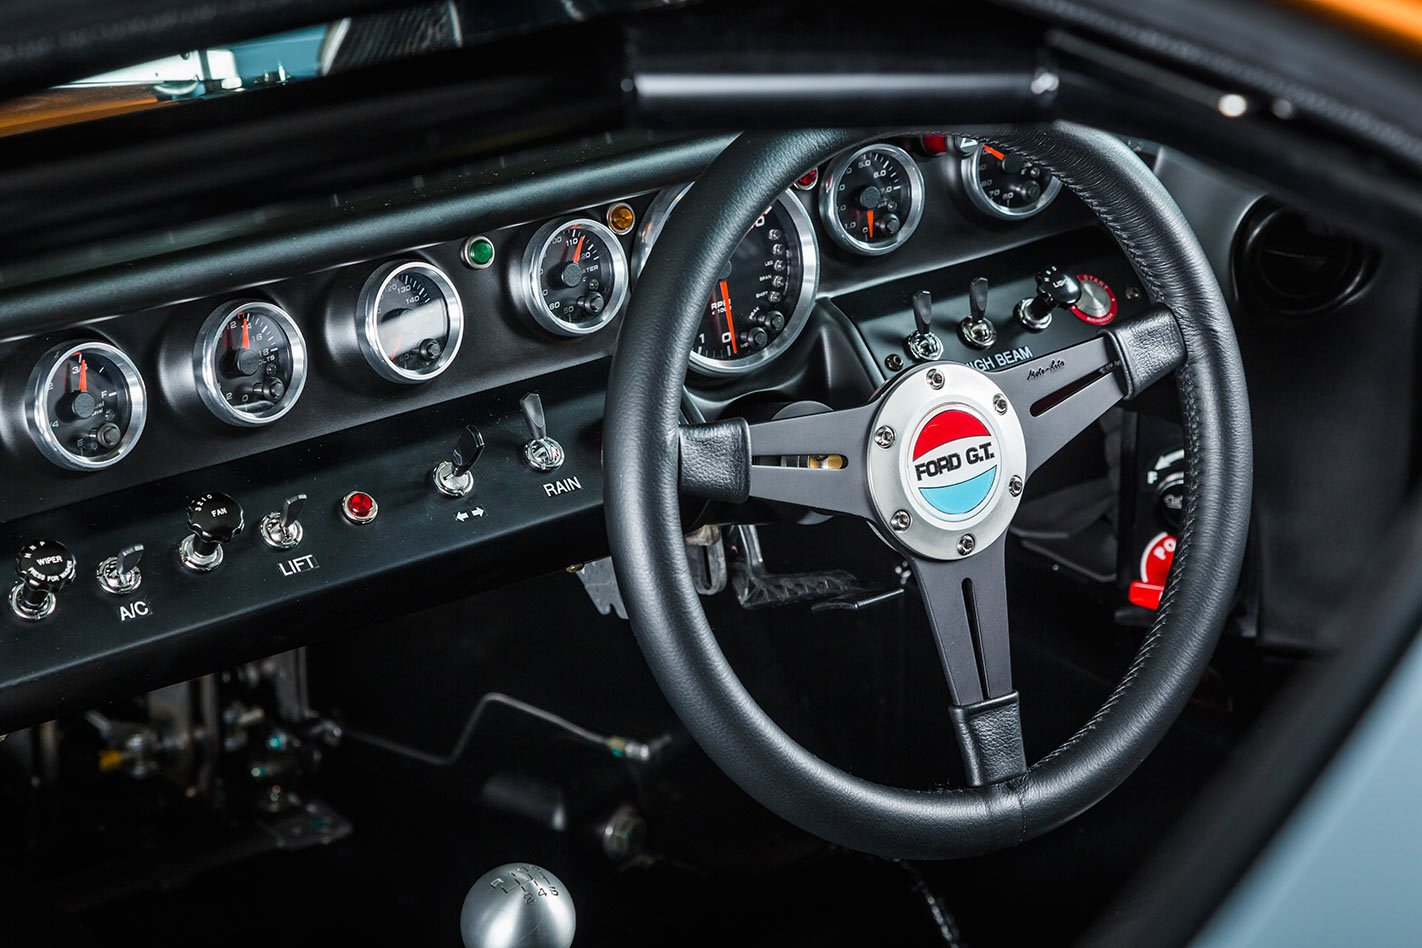 Ford Gt Dash